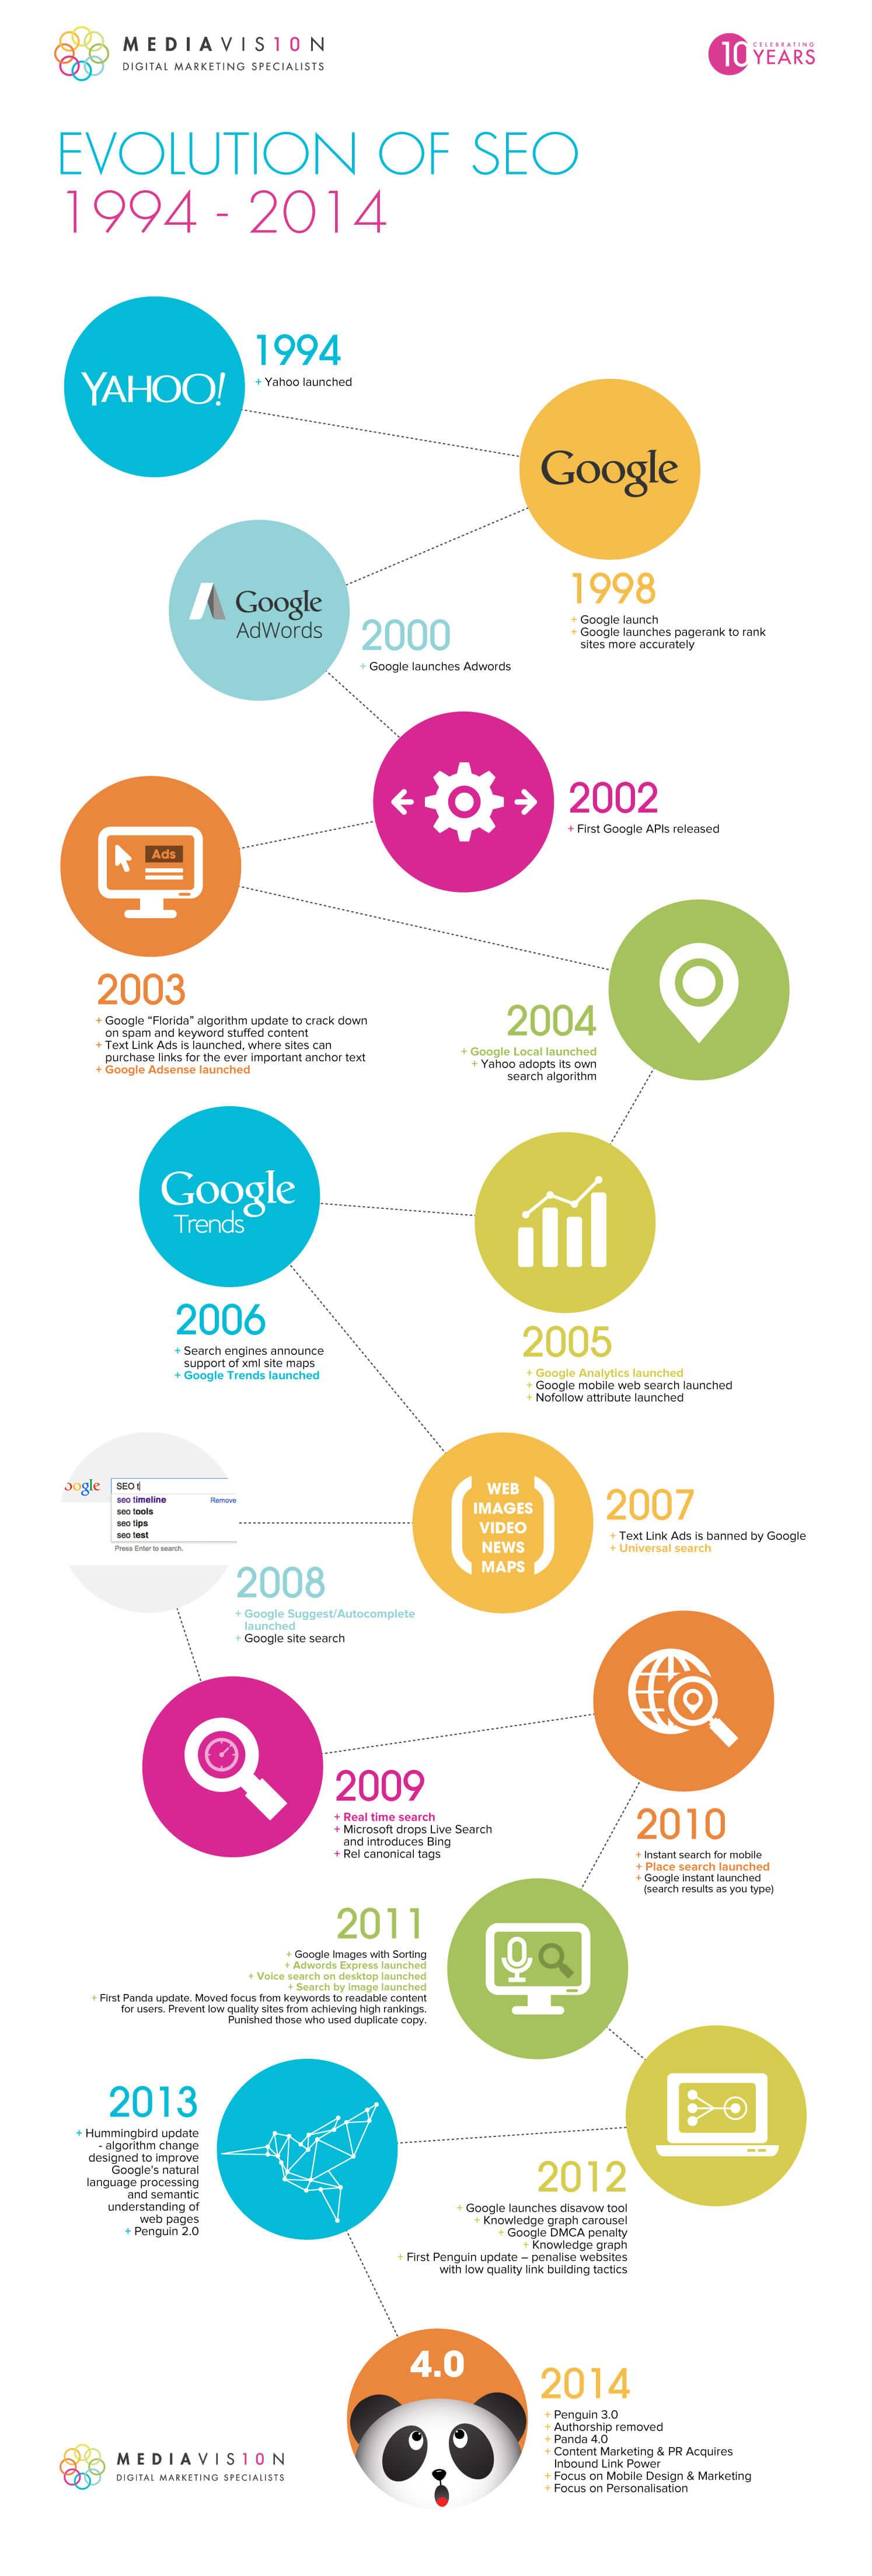 Evolucion del SEO desde 1994 hasta 2014